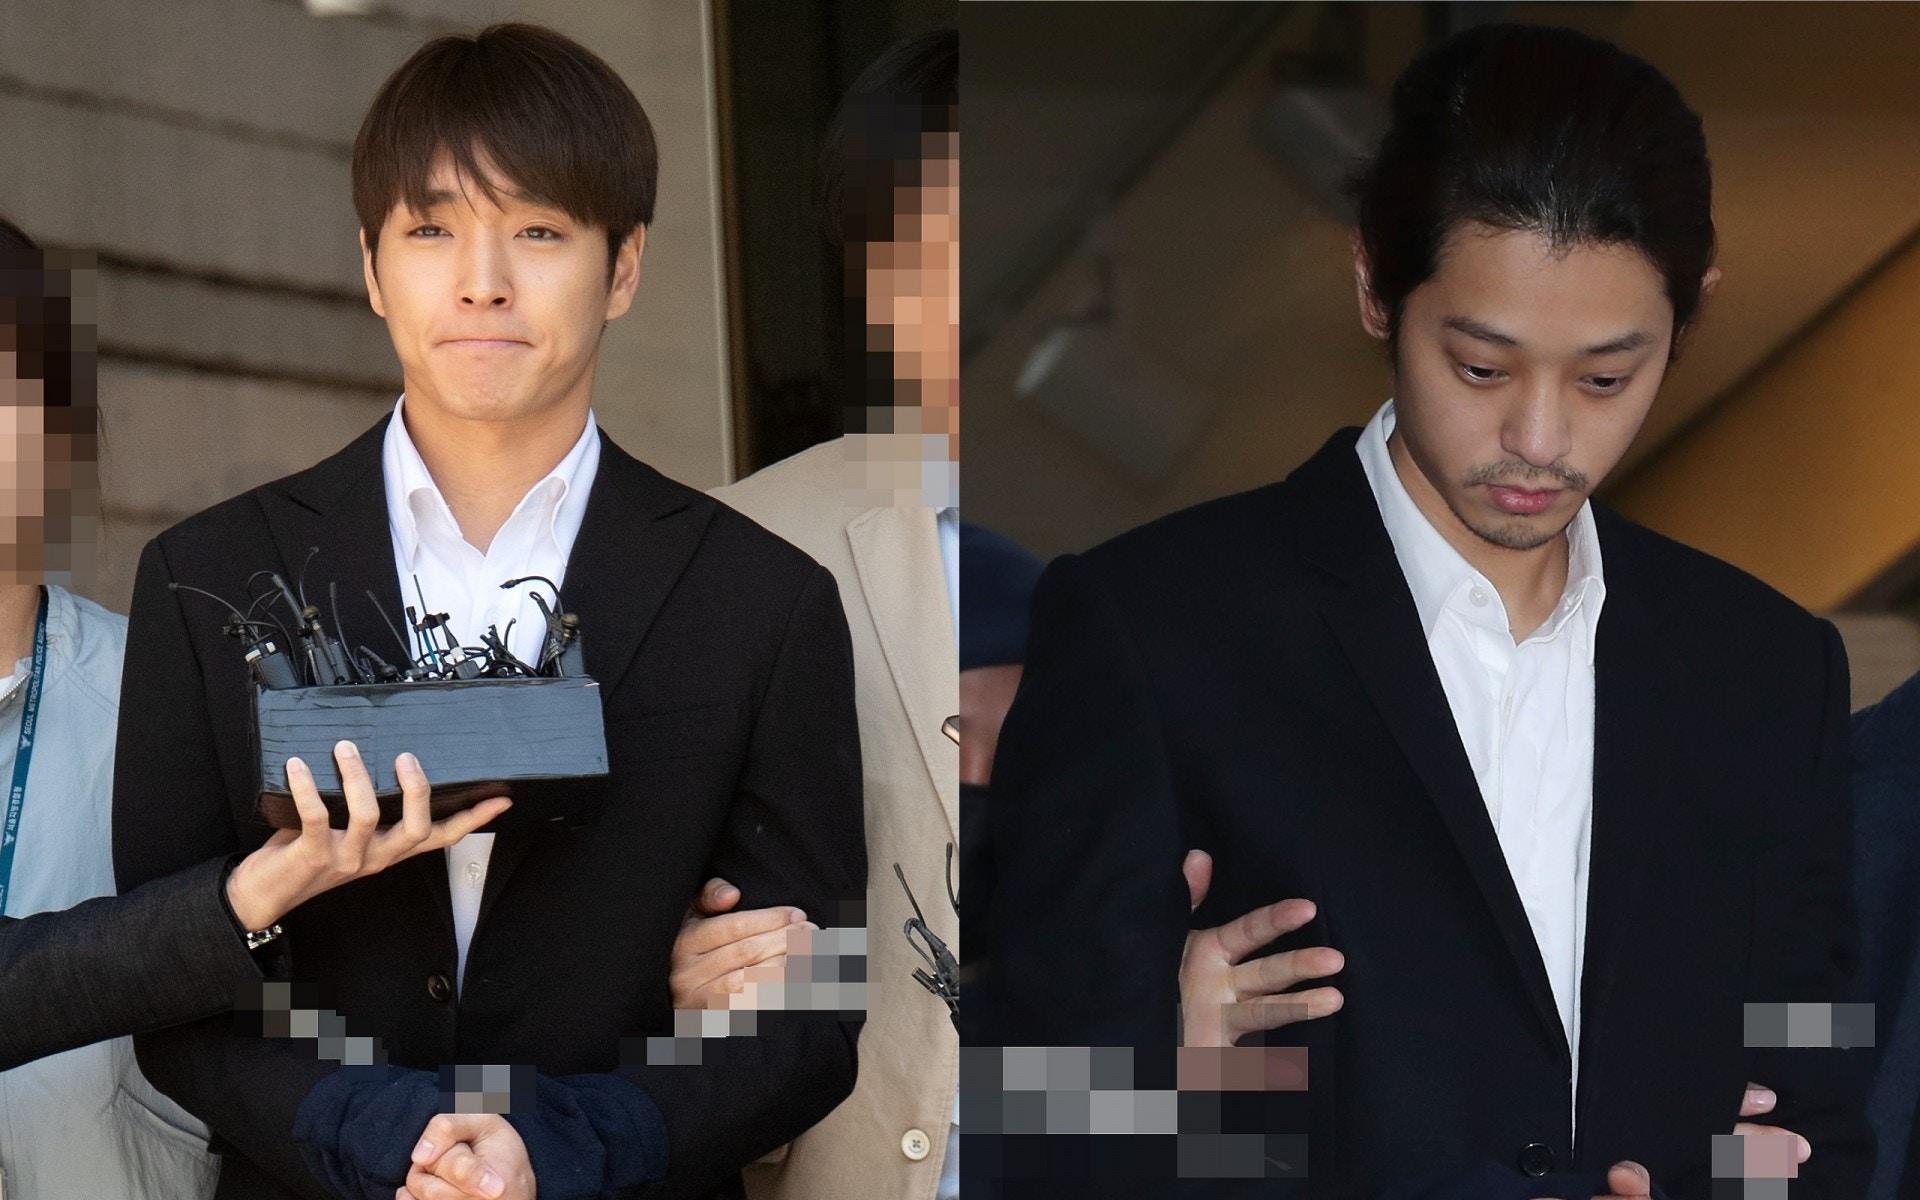 郑俊英、崔钟训涉性侵及偷拍,韩国检方要求判7年还要戴电子脚镣!插图(2)